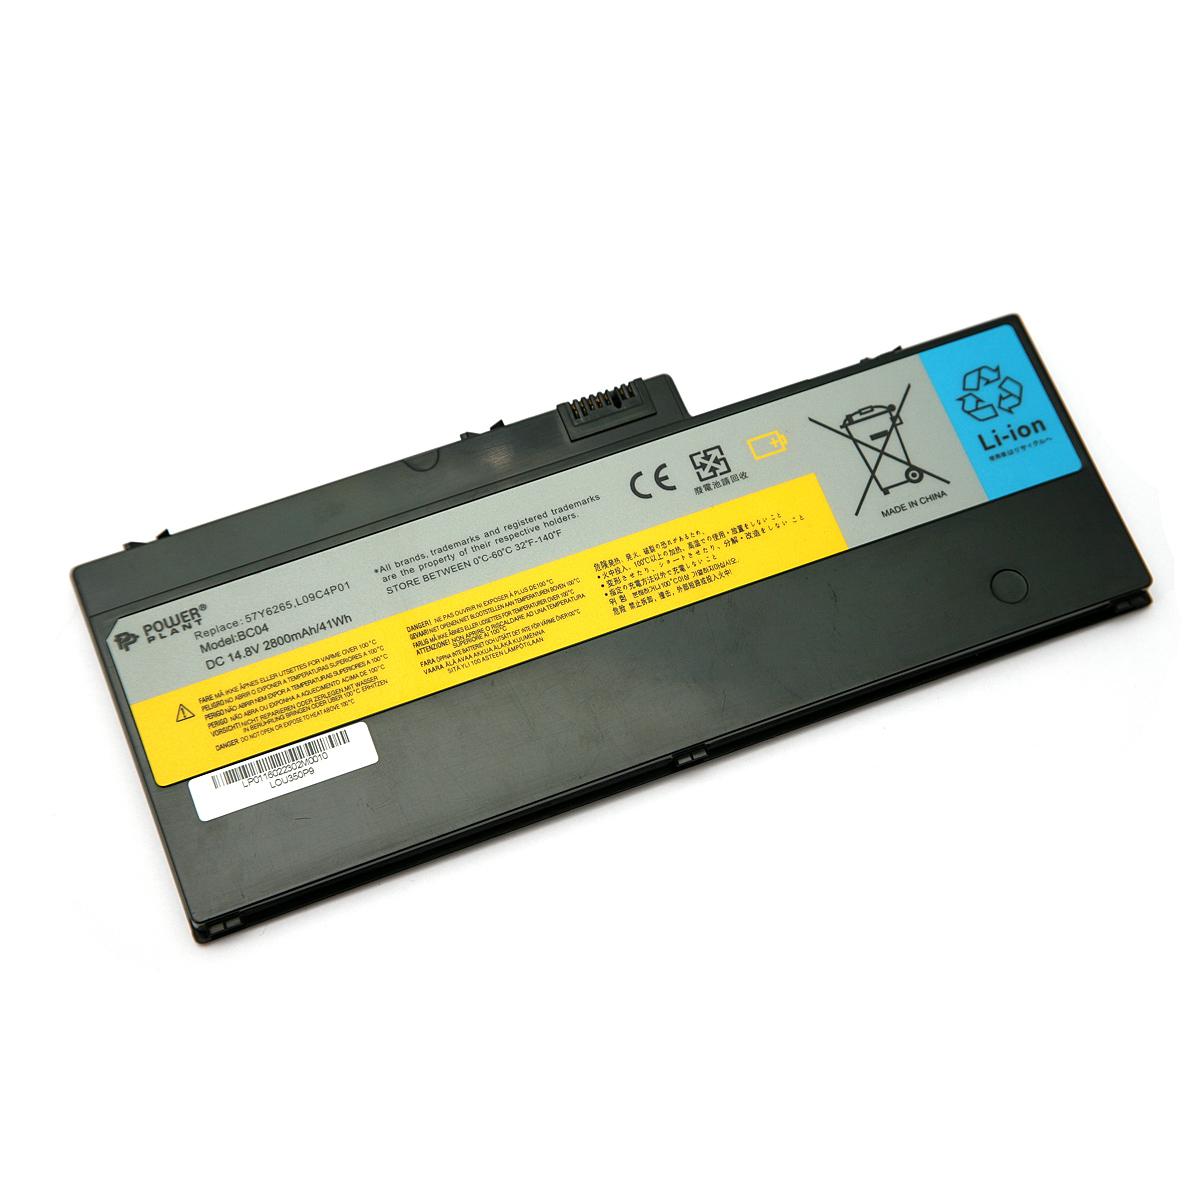 Купить Аккумулятор PowerPlant для ноутбуков IBM/LENOVO IdeaPad U350 (l09C4P01, LOU350P9) 14.8V 2800mAh